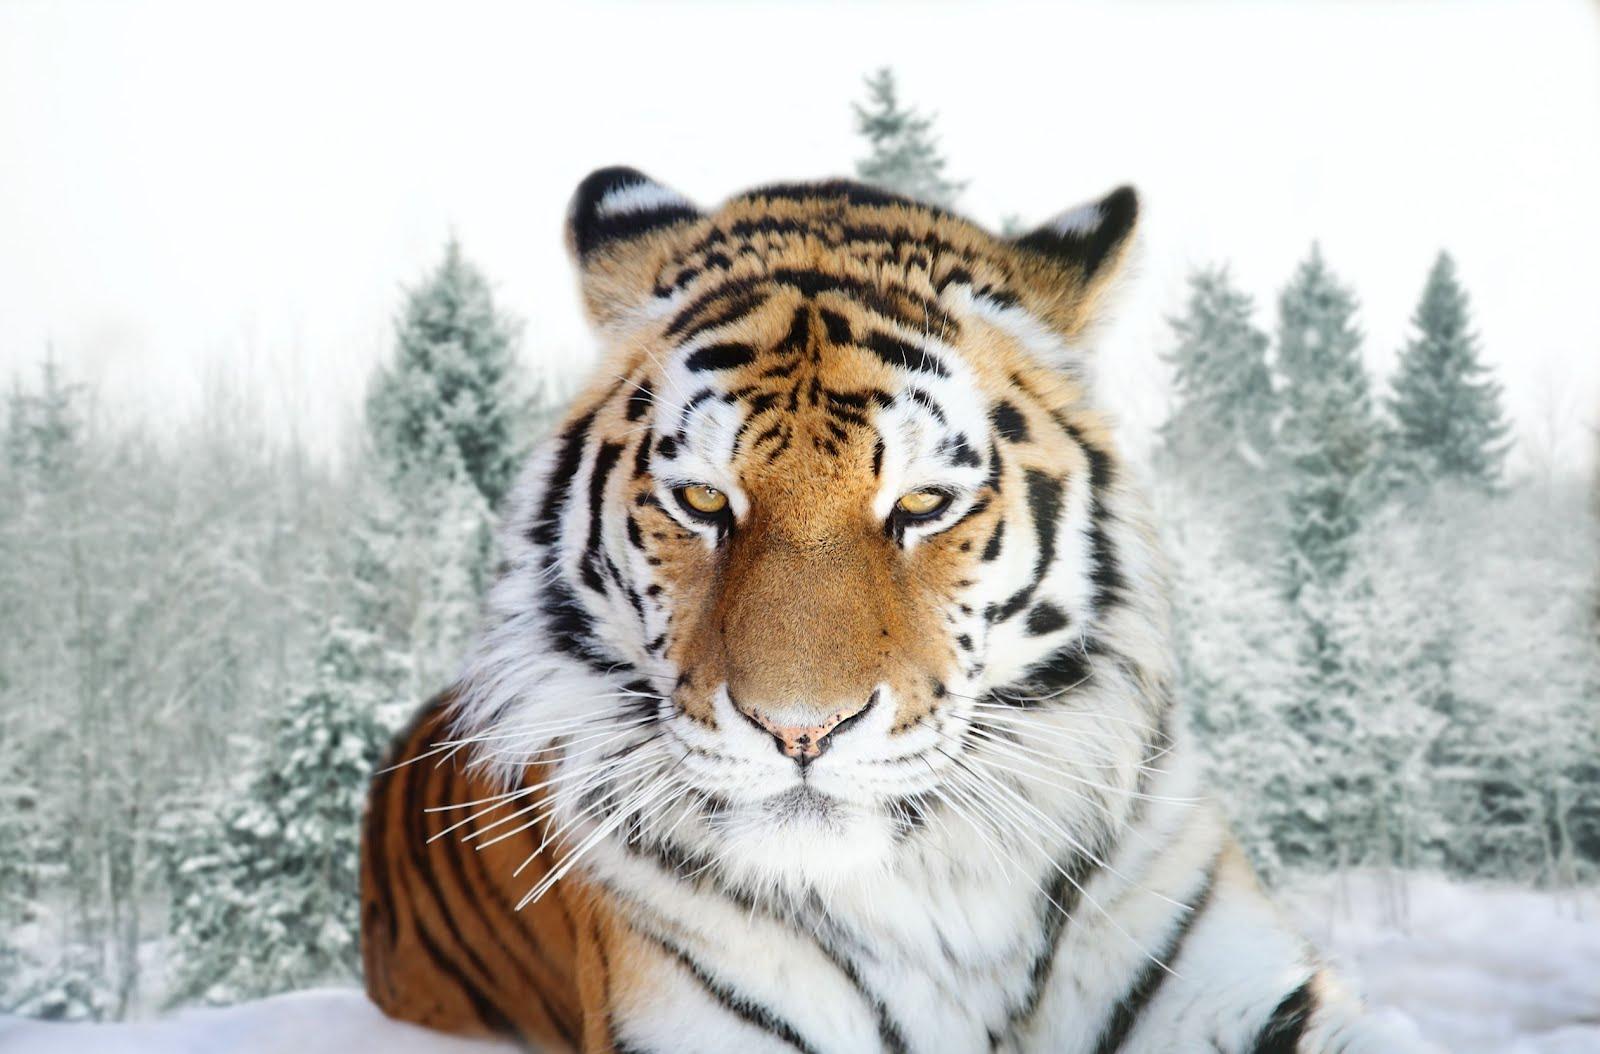 imagenes de animales salvajes - Las Mejores Fotos De Animales Salvajes Del 2015 Te